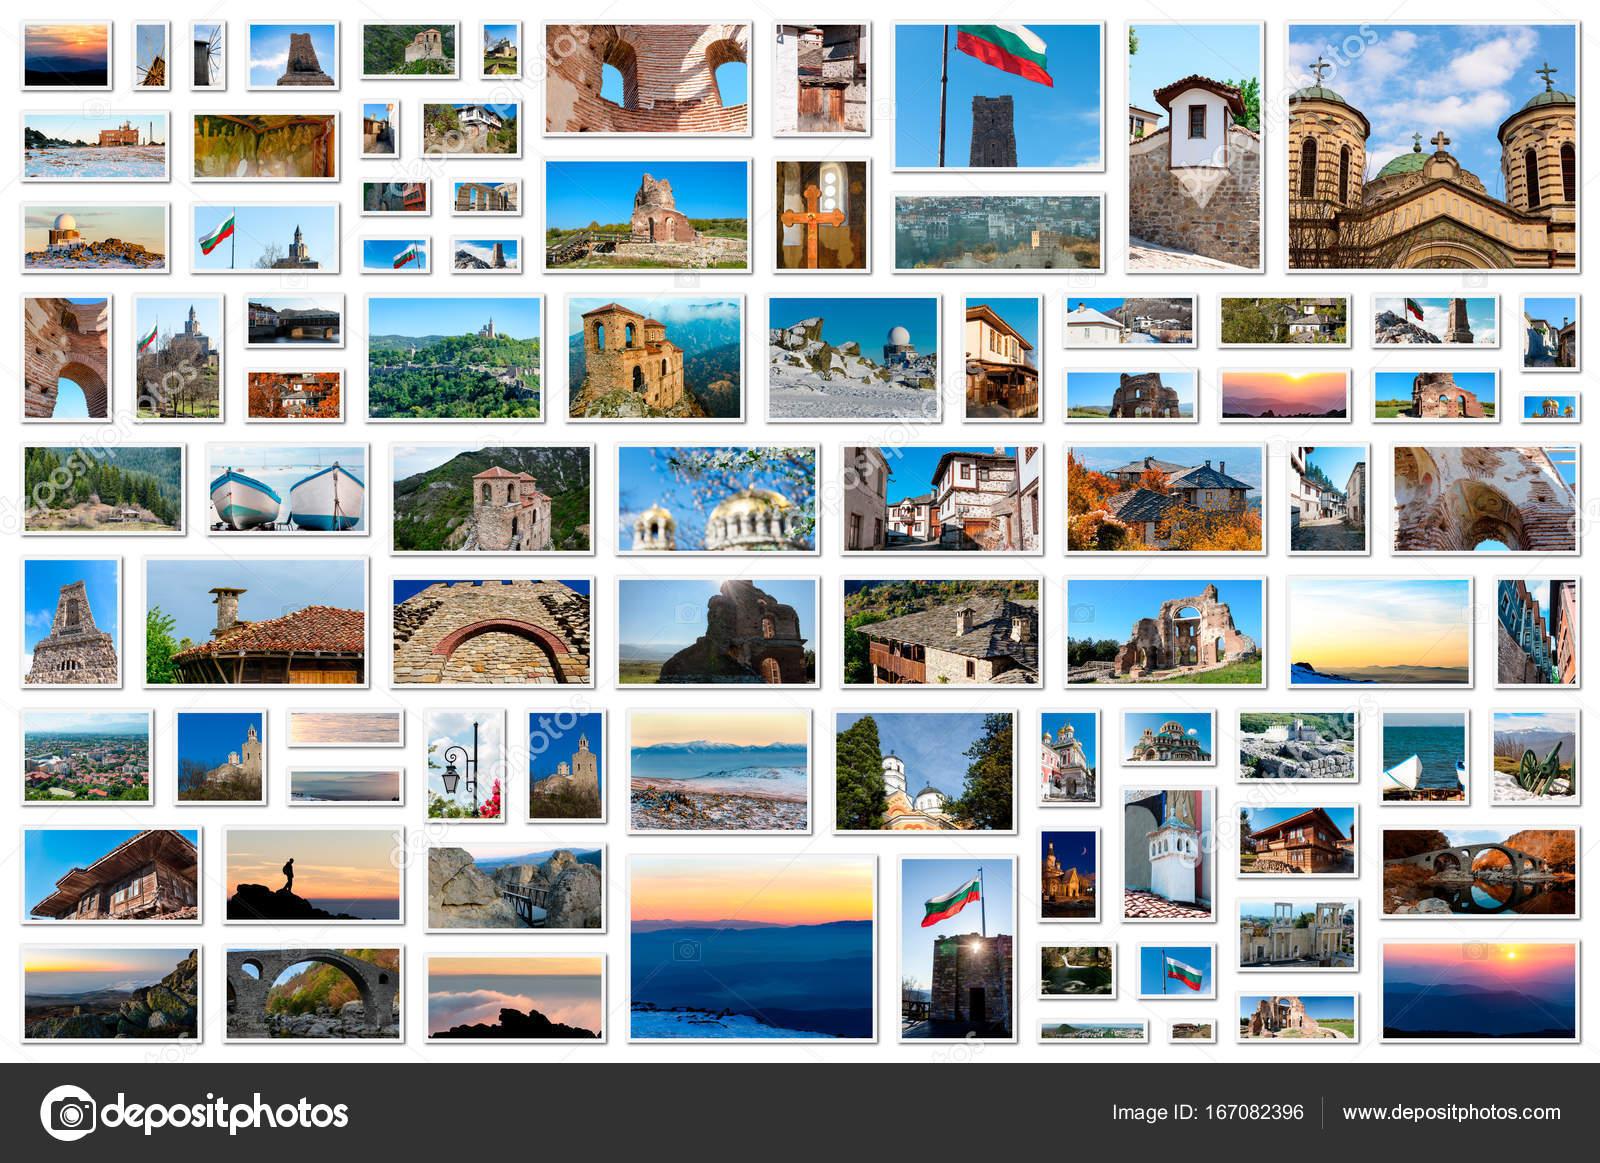 Ιταλικά δωρεάν online ιστοσελίδες γνωριμιών